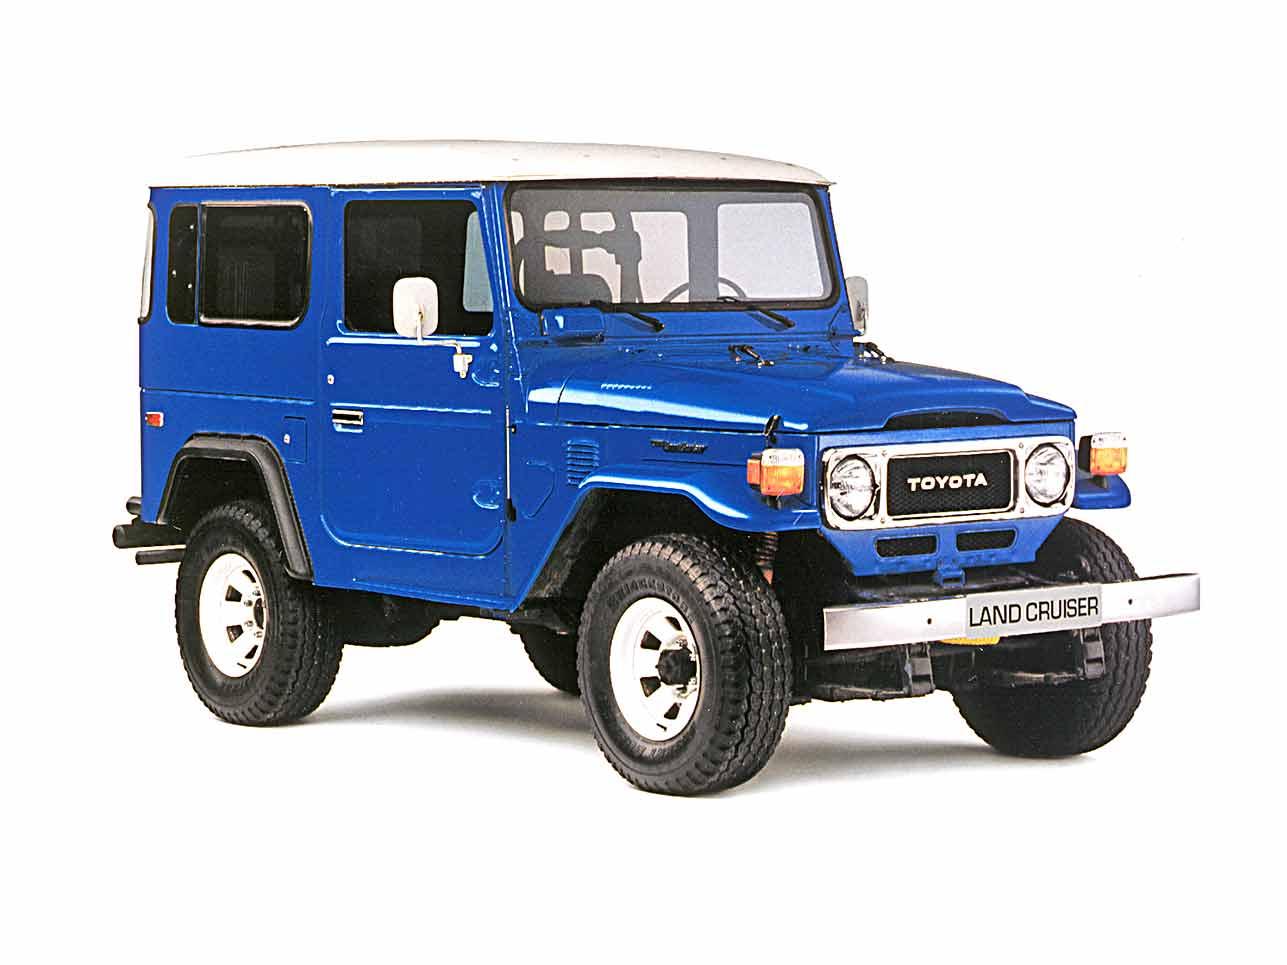 [h3]1951, Toyota Landcruiser[/h3] Der beliebte Land Cruiser existiert, weil Japan 1941 auf den Philippinen einen Bantam eroberte, den Verwandten des Jeep. Daraus sollte ein eigenständiger Offroader werden – und wurde es.